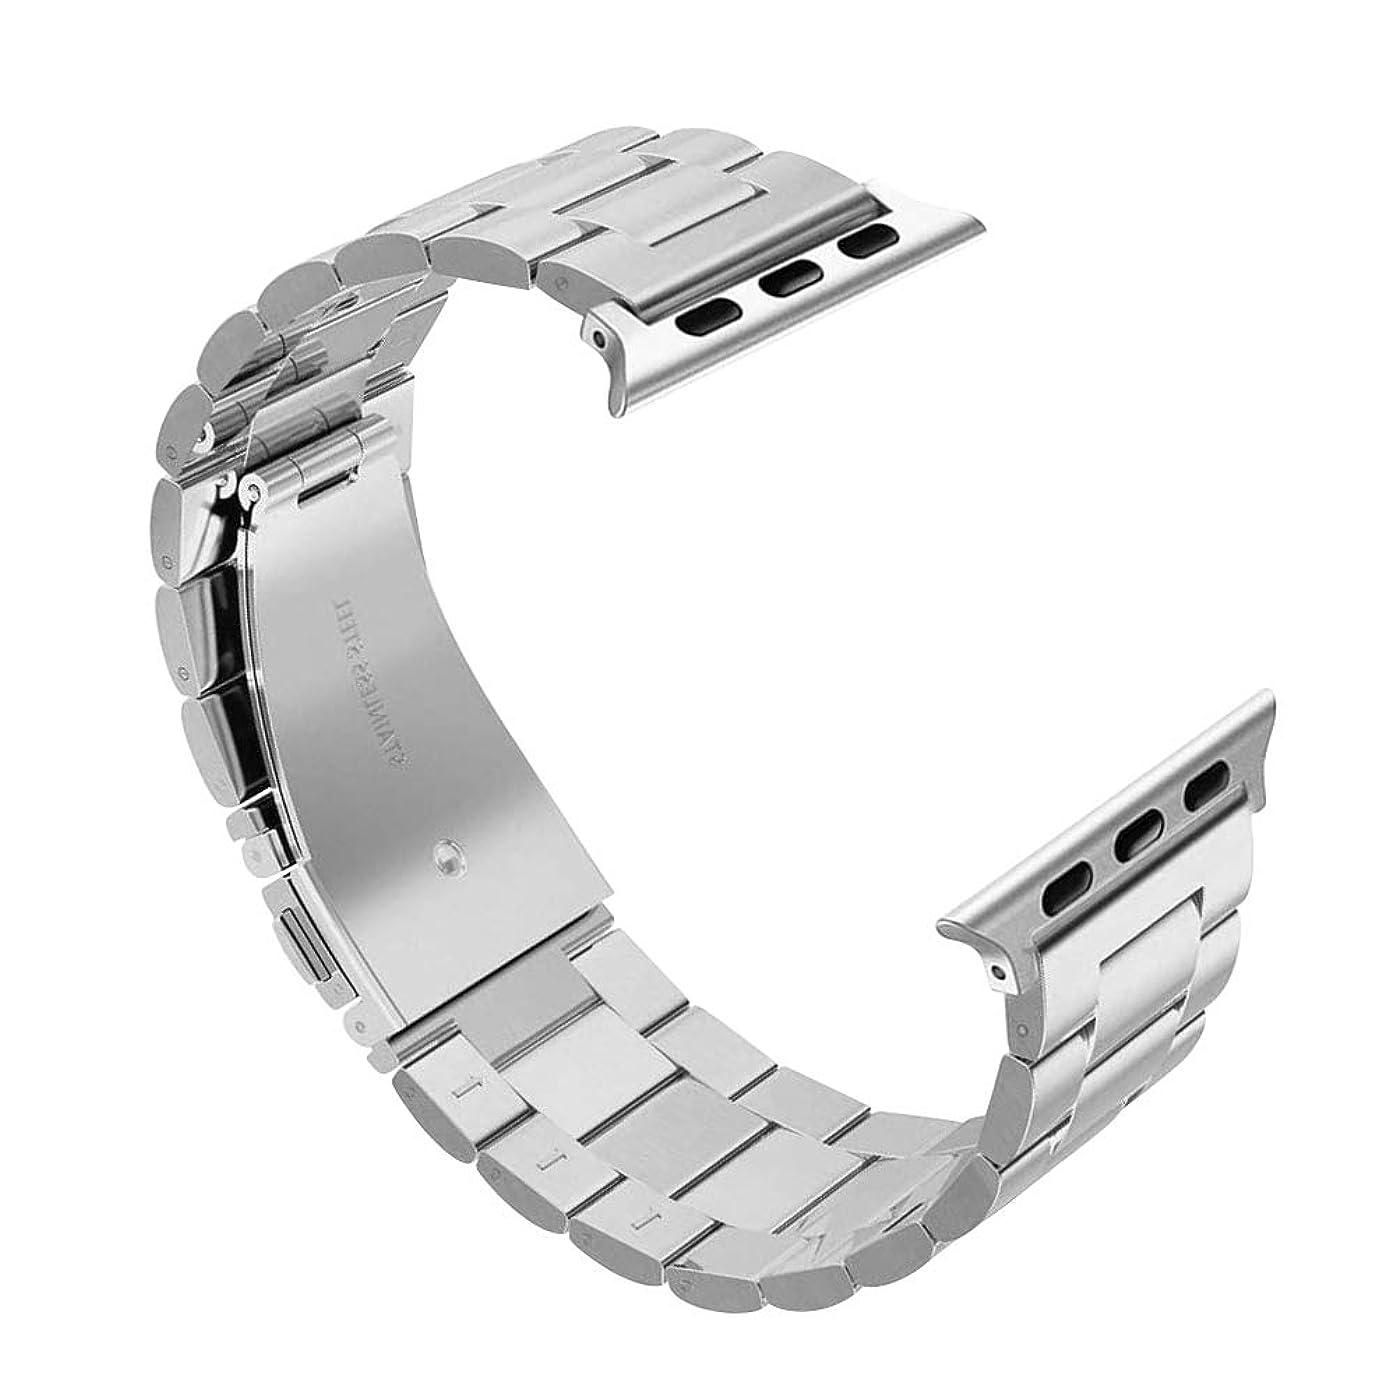 火山学マニフェスト口径RonT ステンレス製 Apple Watch 腕時計 交換ベルト 調節可能 カジュアル ビジネス series 1 2 3 4 5 対応 (38mm/40mm, シルバー)